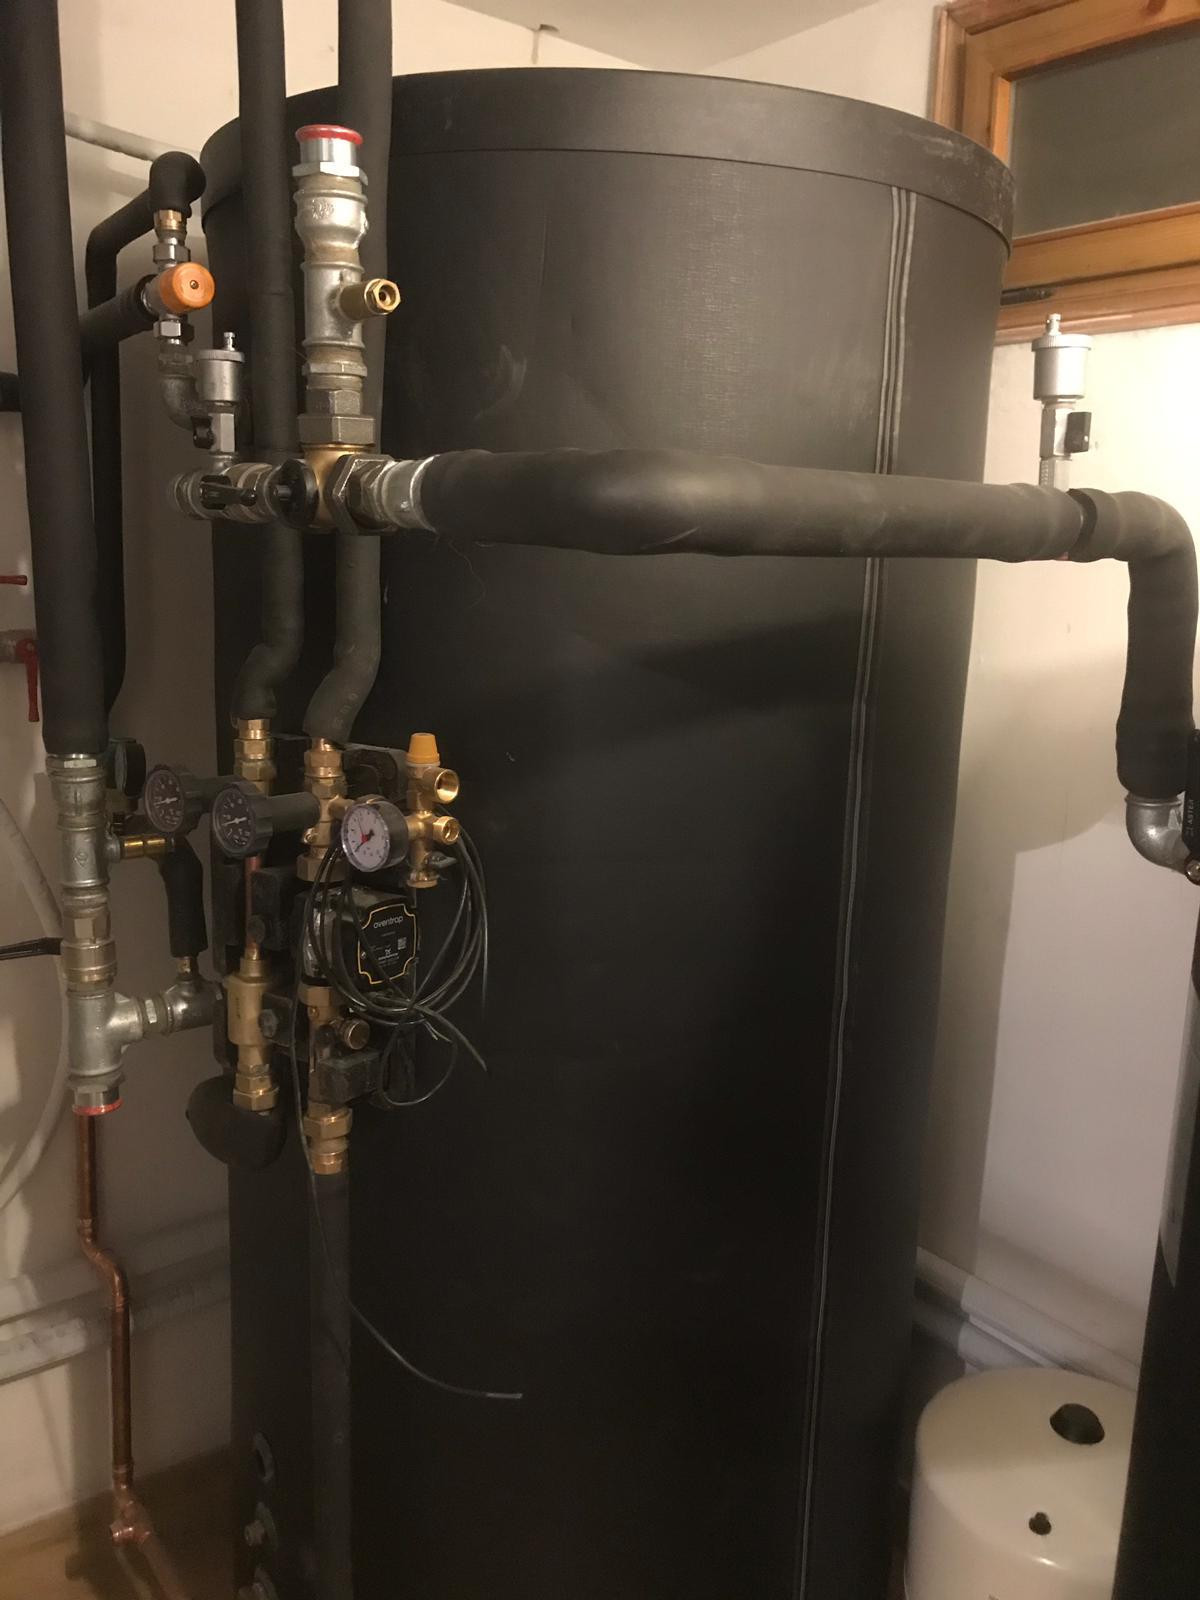 Errori da evitare nell 39 installazione e scelta della for Caldaia a metano o pellet cosa conviene